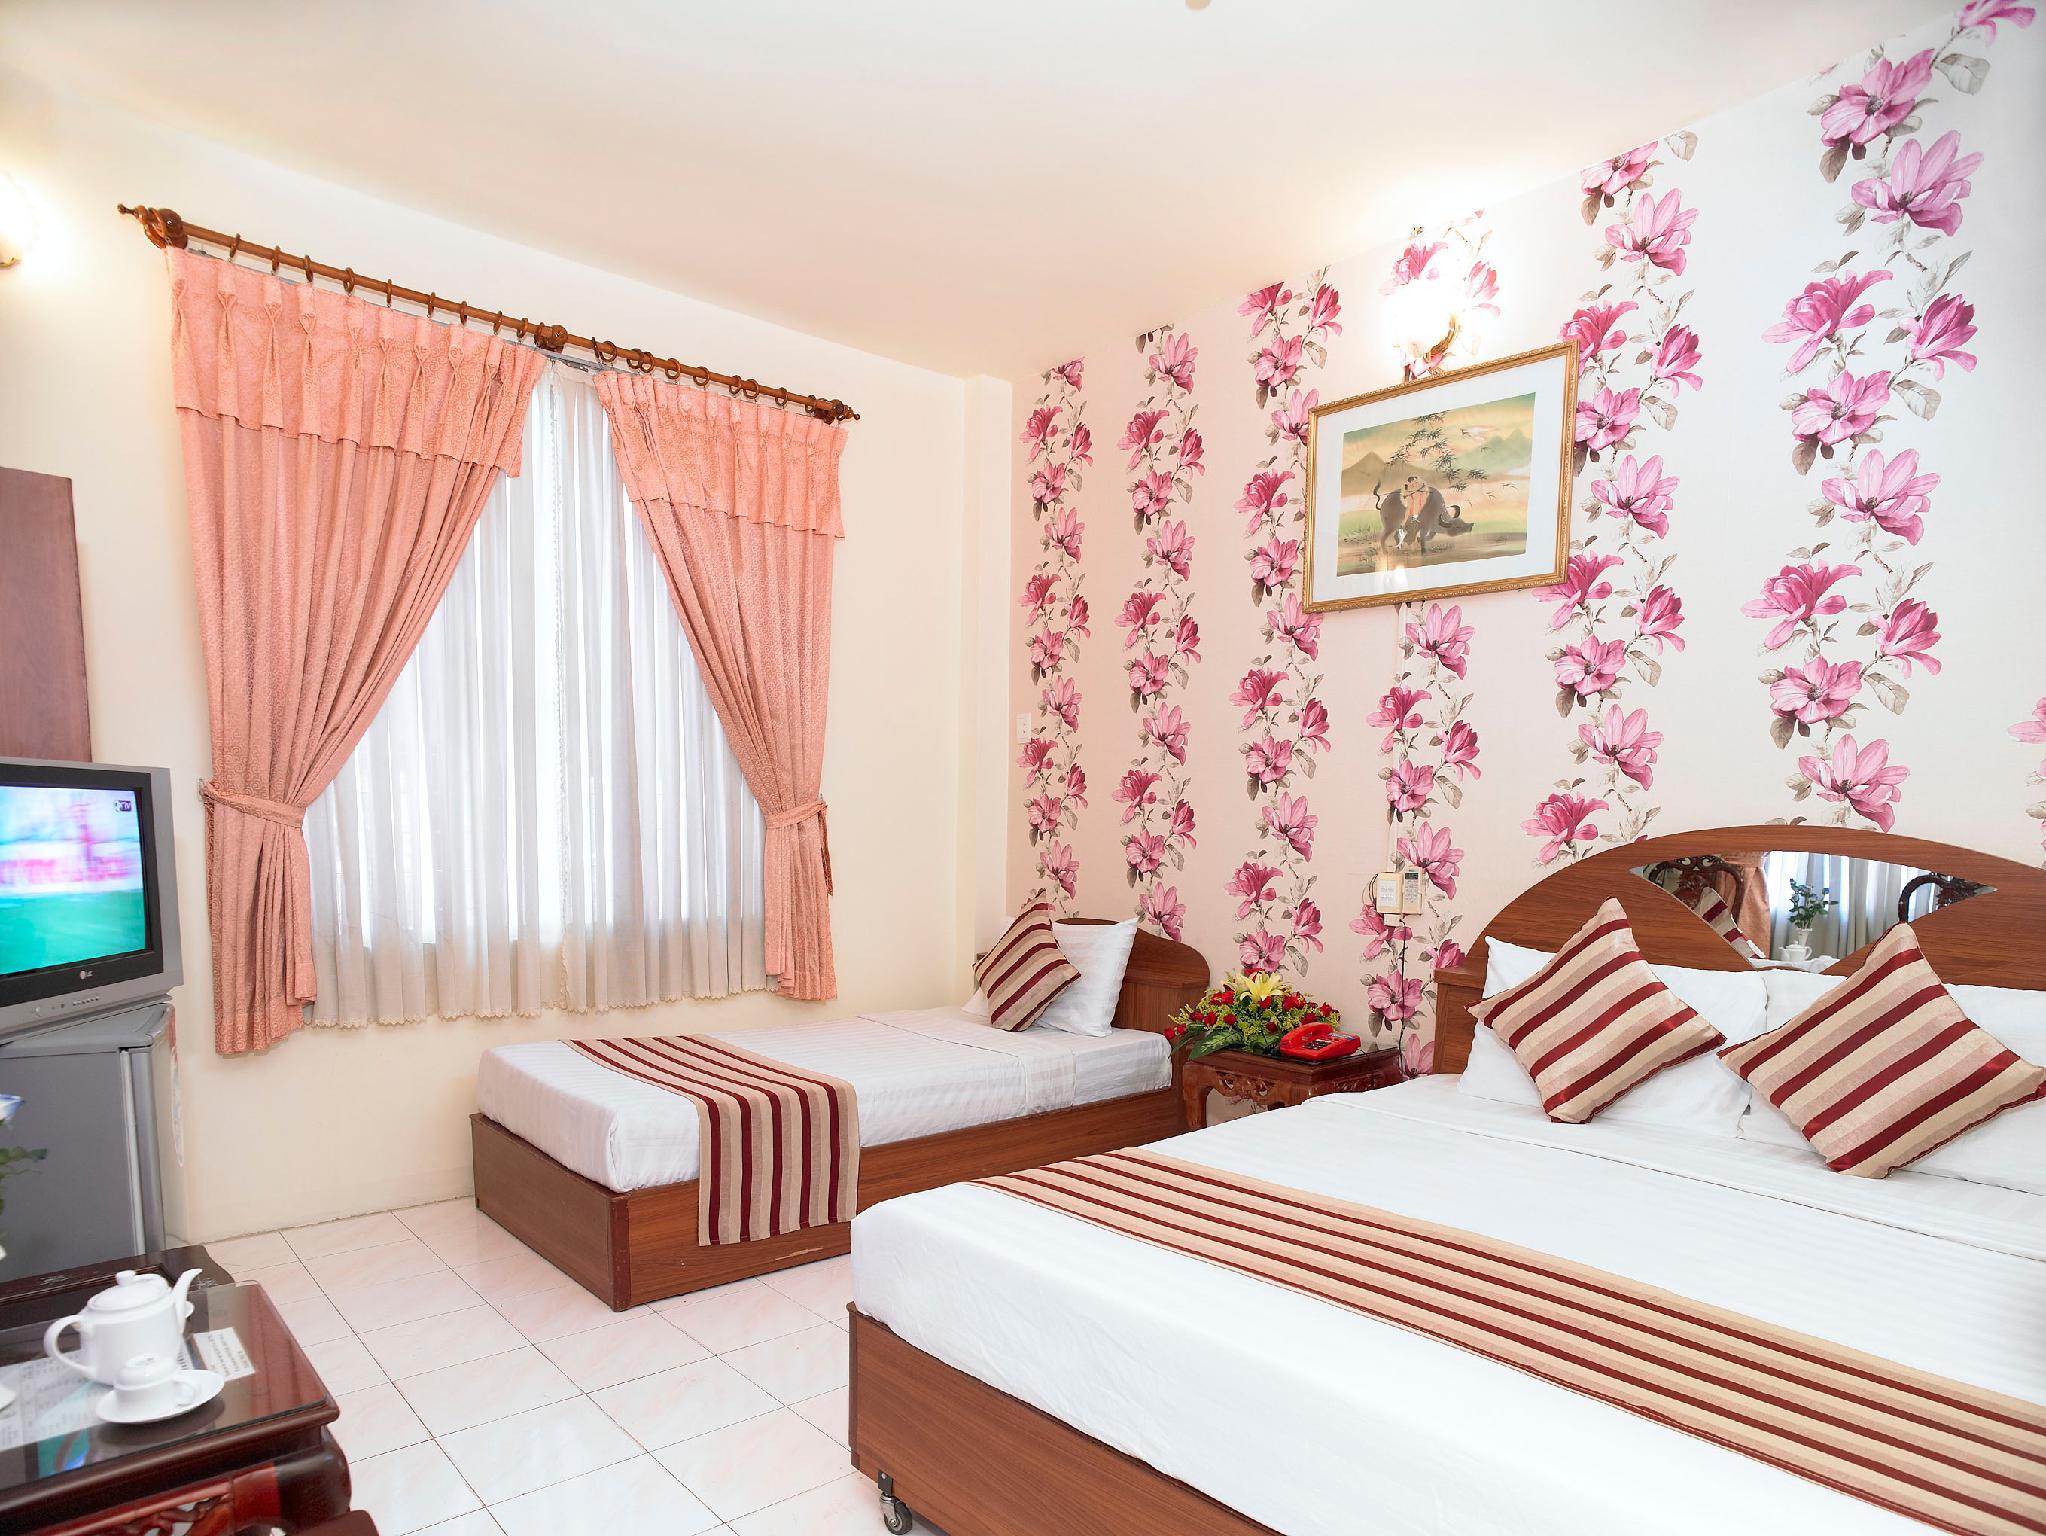 Crystal Hotel - Hotell och Boende i Vietnam , Ho Chi Minh City